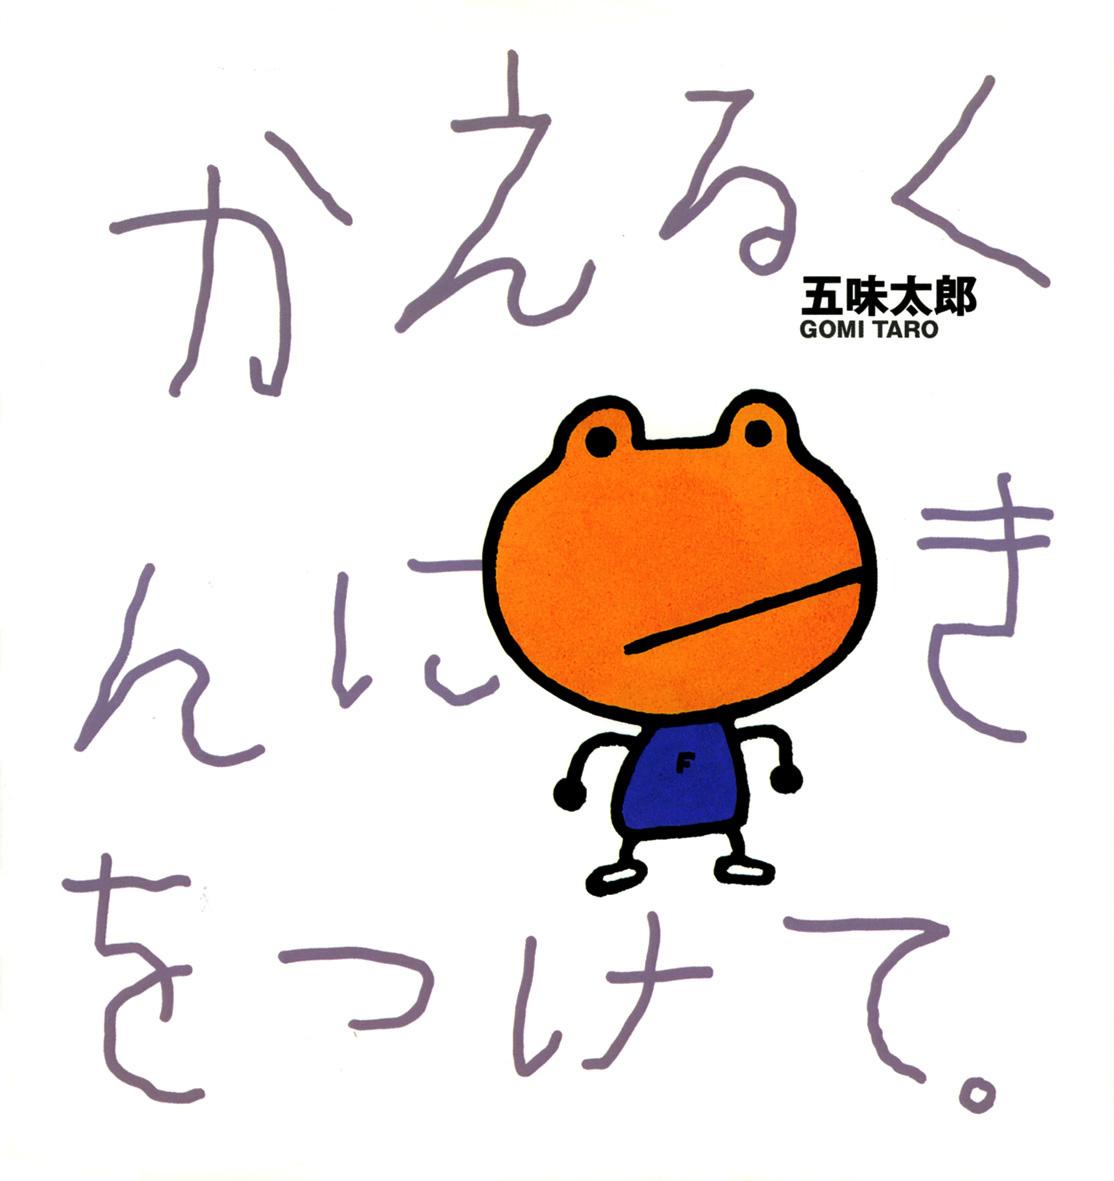 五味太郎さん新刊『まだまだ まだまだ』NHK Eテレ ETV特集で紹介